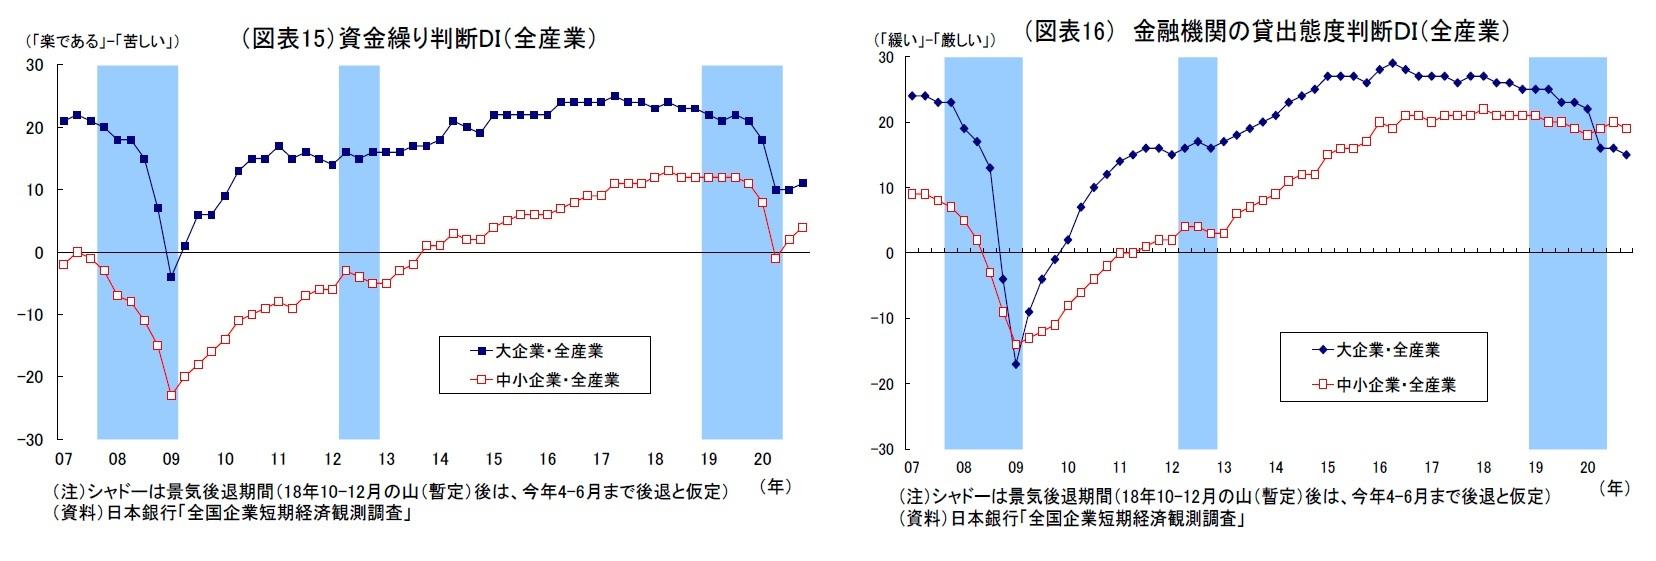 (図表15)資金繰り判断DI(全産業)/(図表16) 金融機関の貸出態度判断DI(全産業)